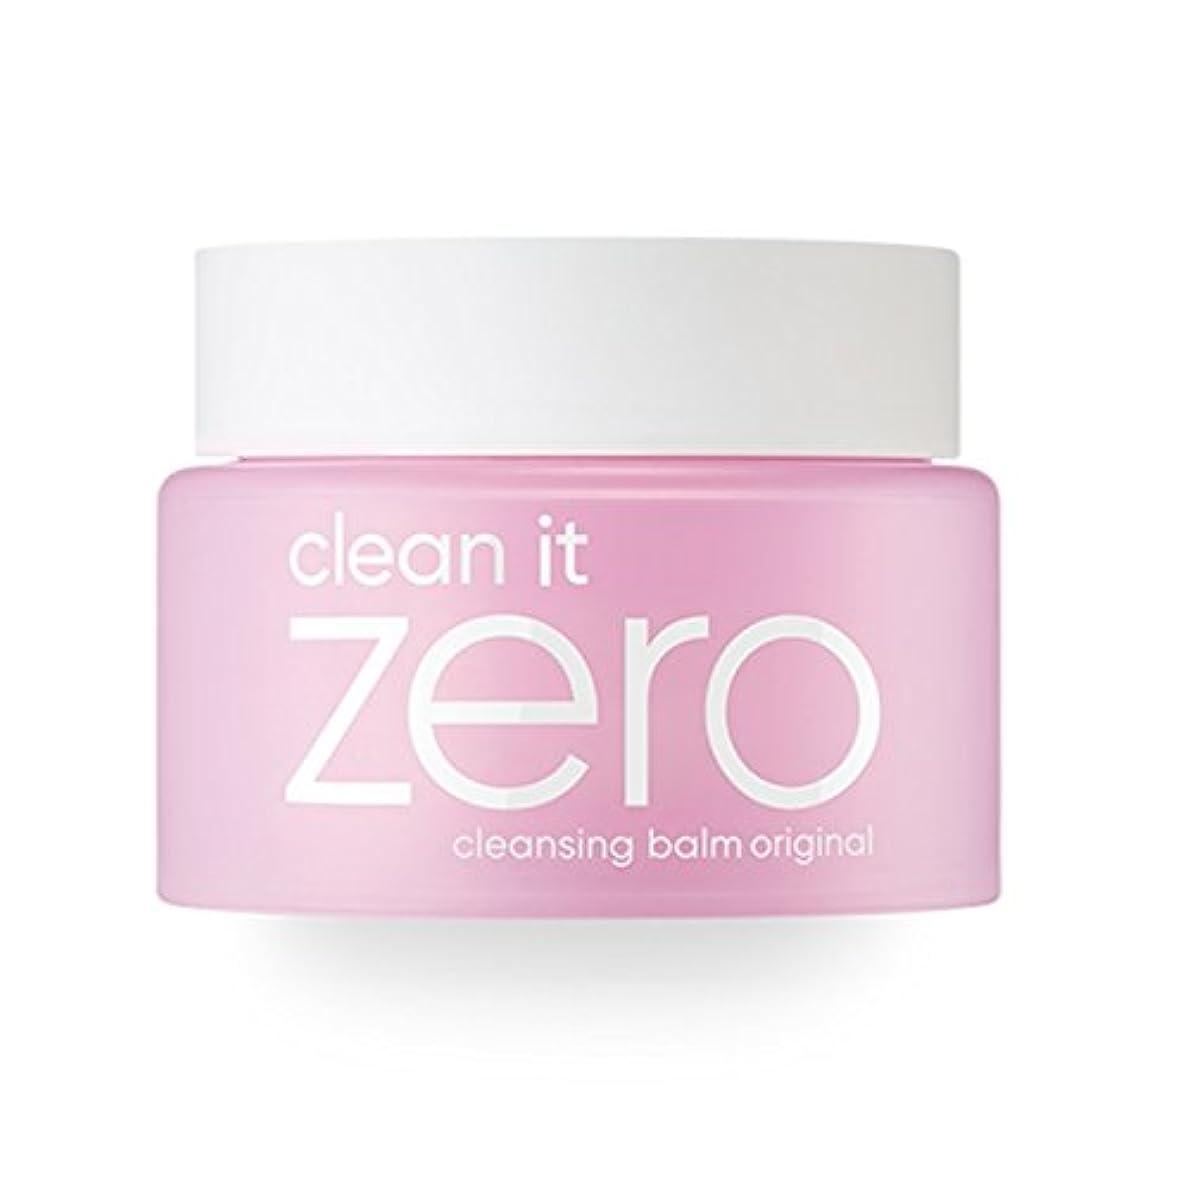 もの名詞メーカーBanila.co クリーン イット ゼロ クレンジングバーム オリジナル / Clean it Zero Cleansing Balm Original (100ml)